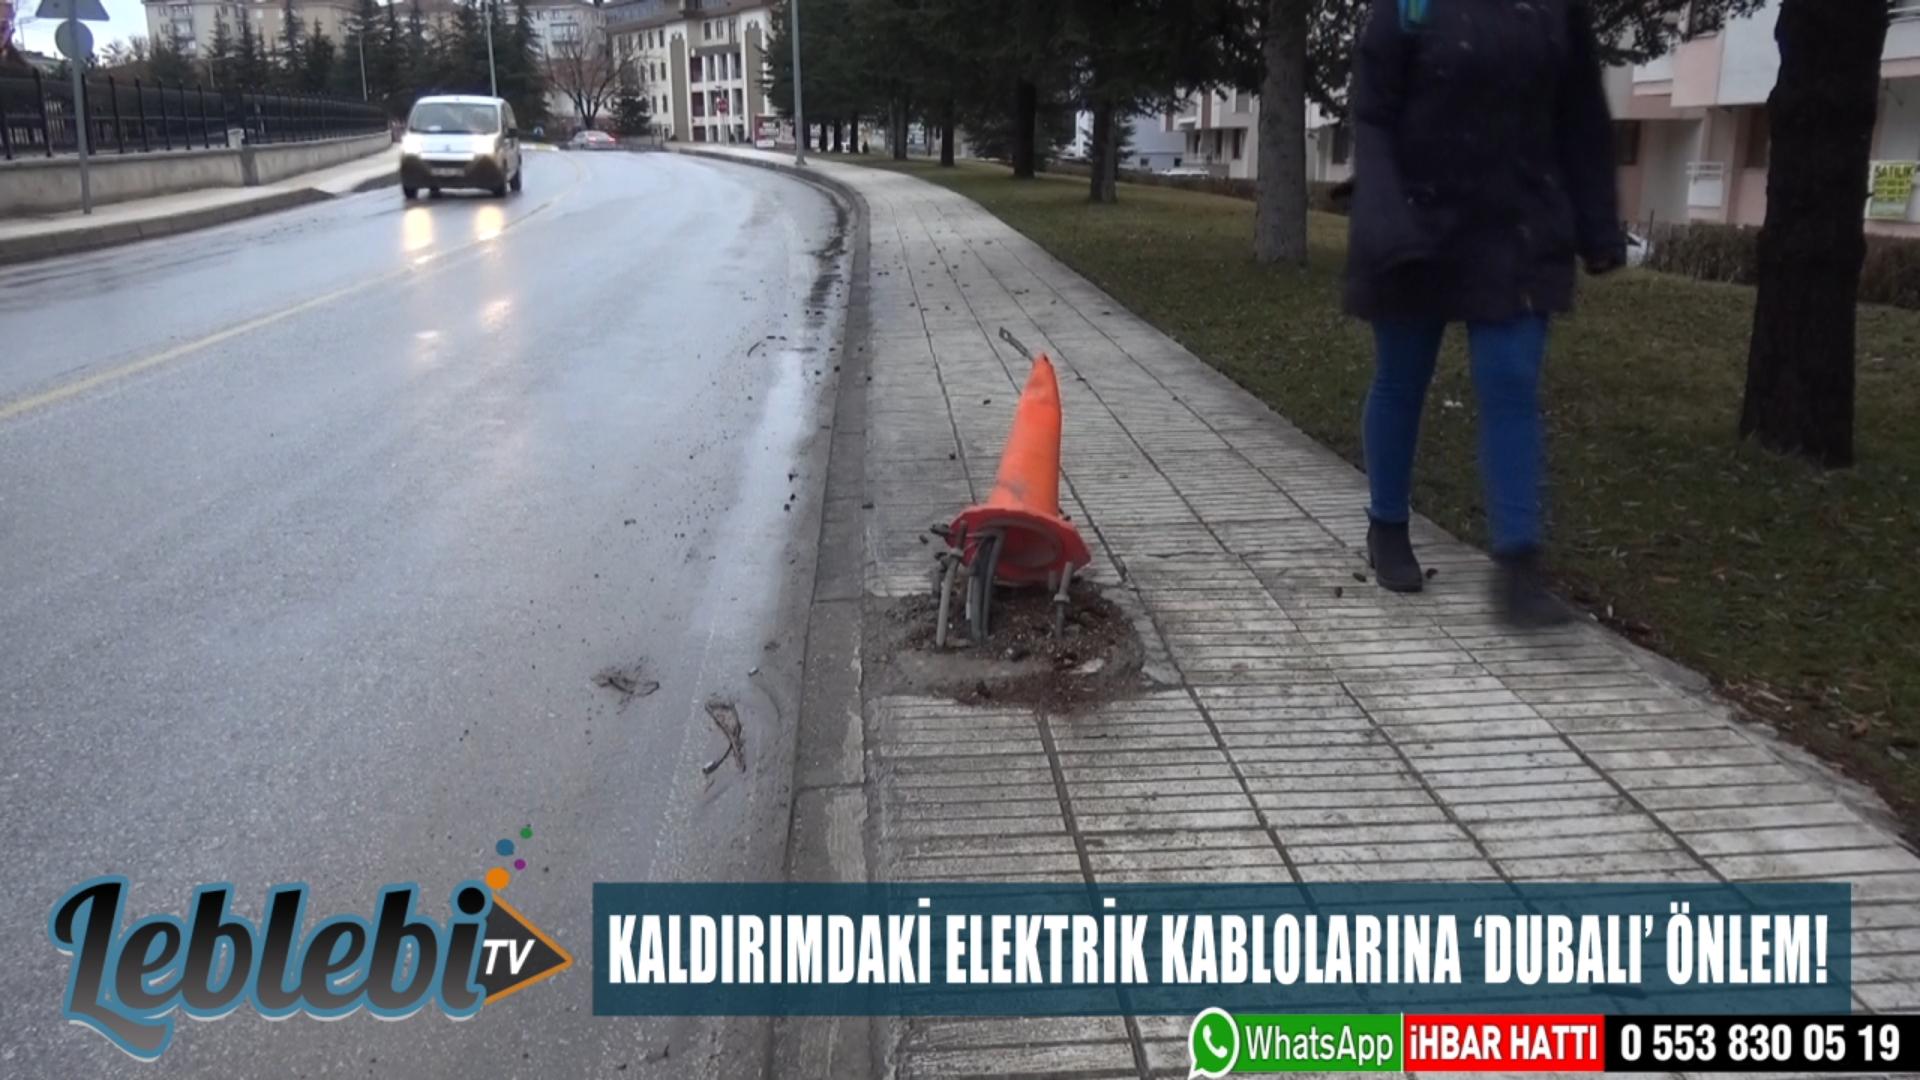 KALDIRIMDAKİ ELEKTRİK KABLOLARINA 'DUBALI' ÖNLEM!